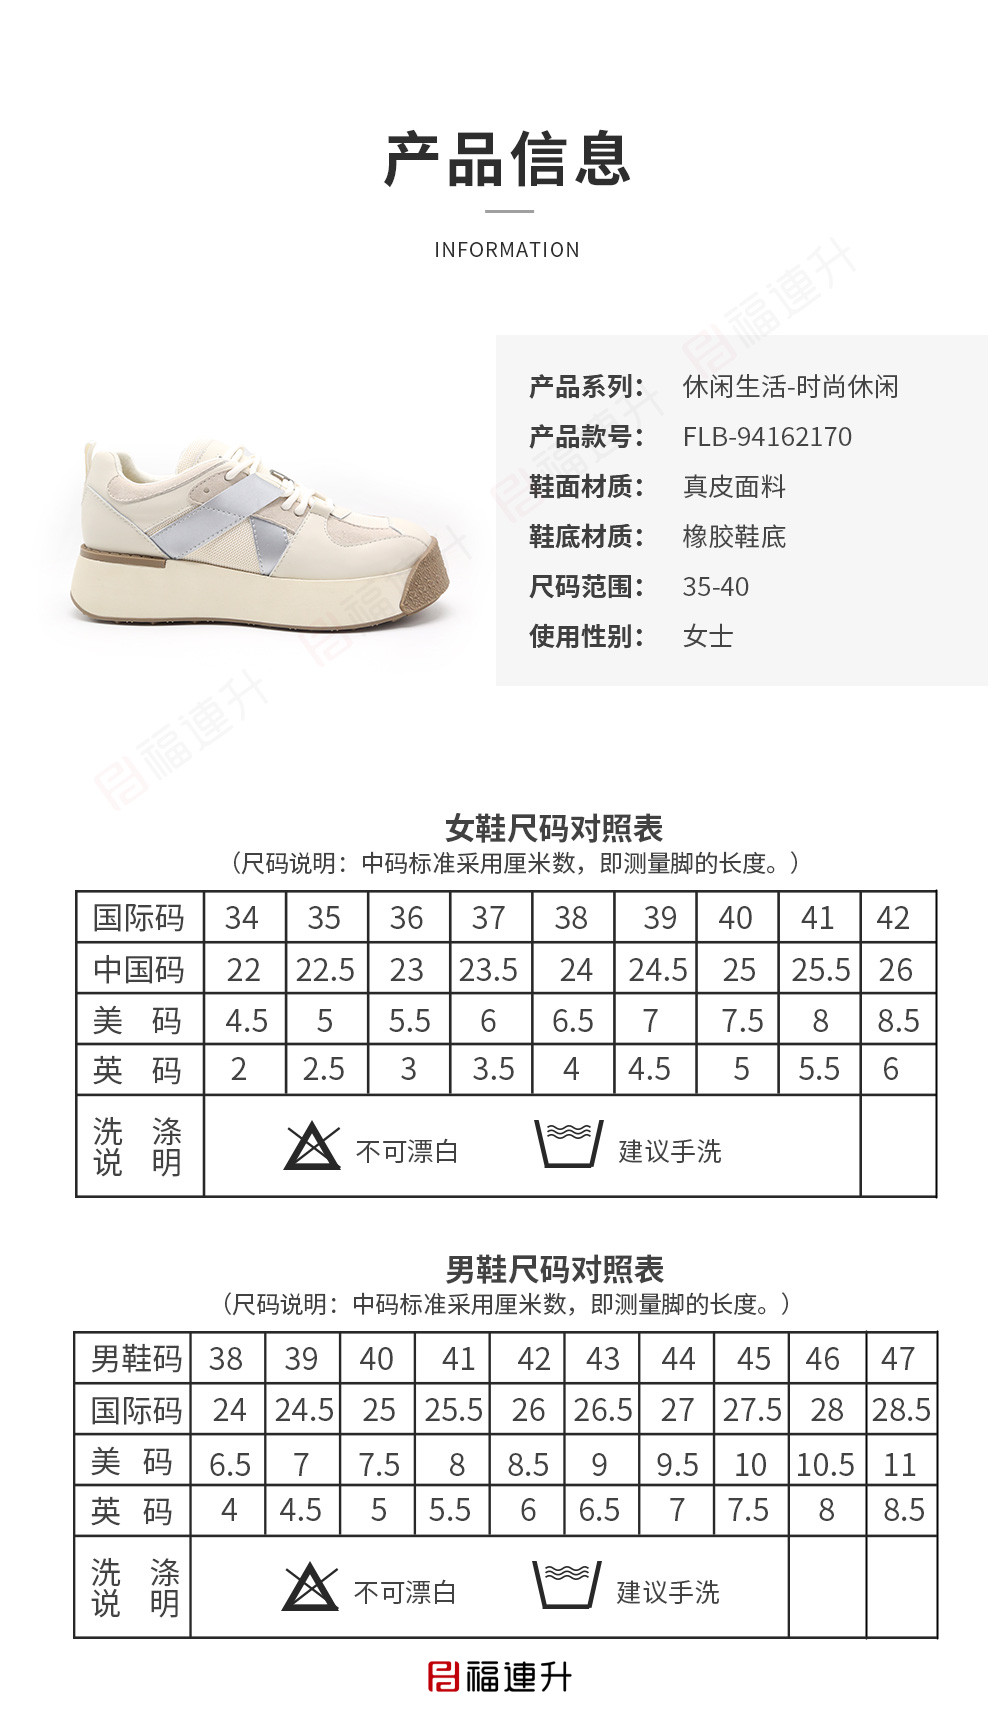 福连升休闲鞋女鞋2021秋季新款百搭厚底时尚增高面包鞋图片